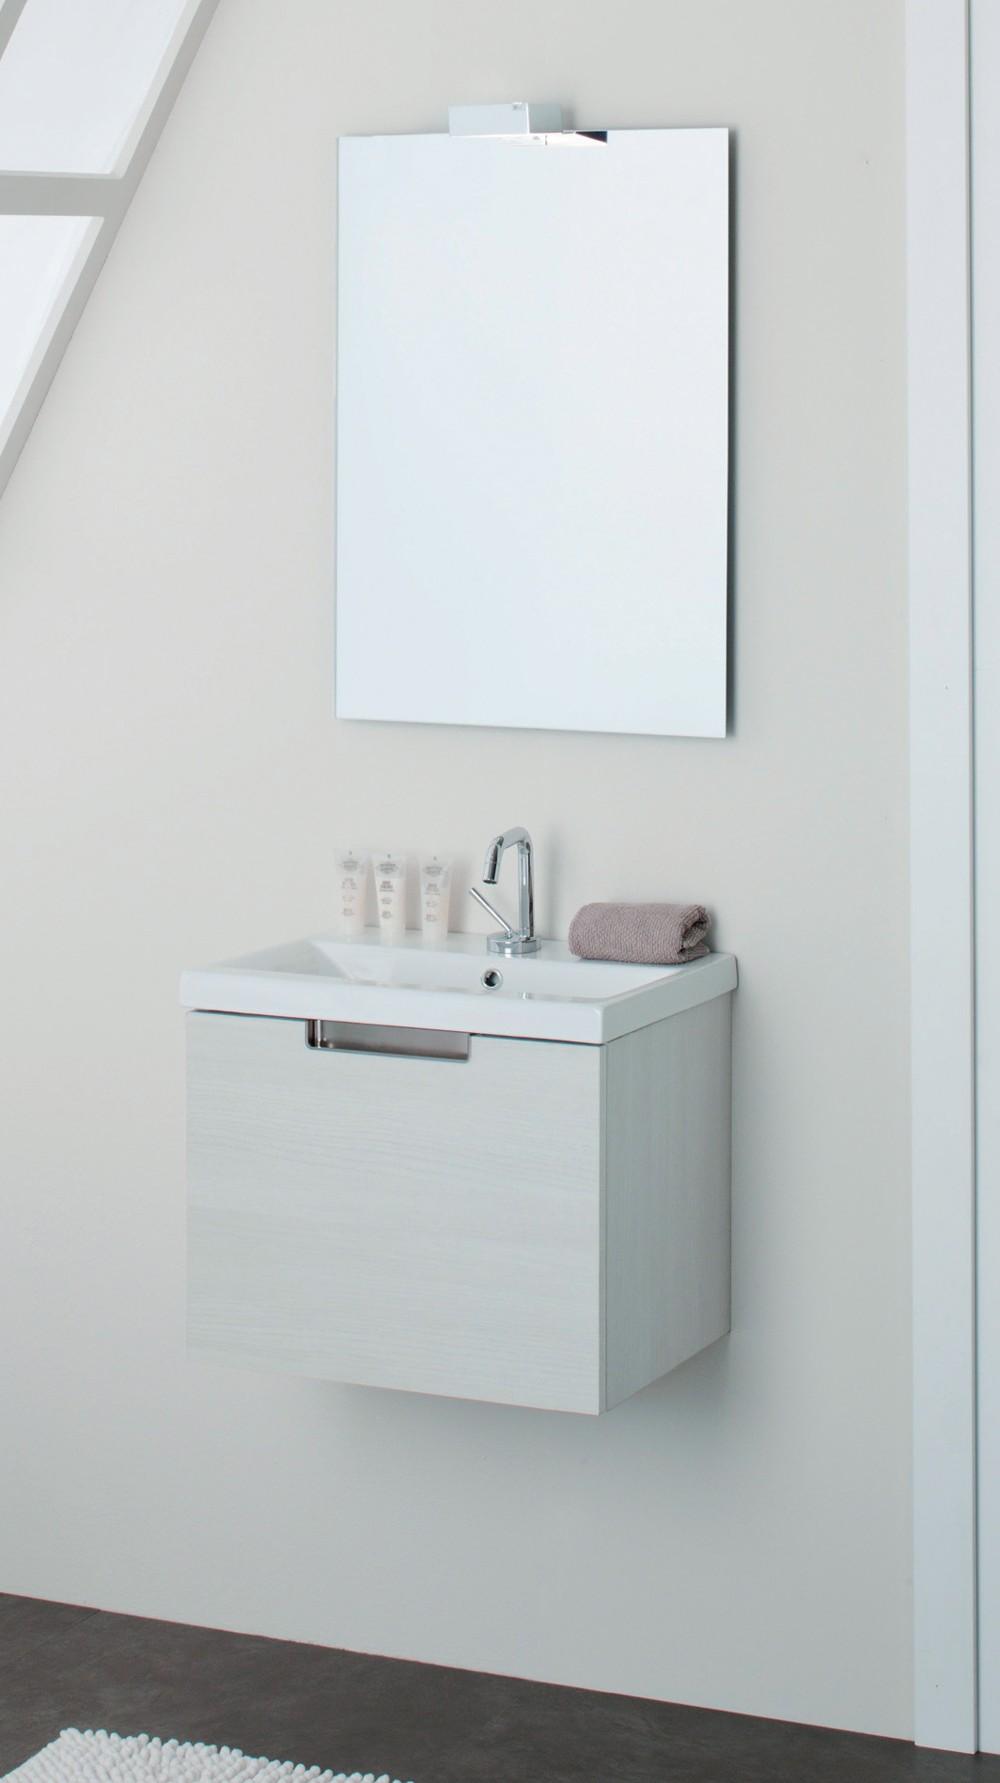 Muebles de lavabo de 50 cm detalles de mueble de ba o for Muebles de lavabo de 50 cm